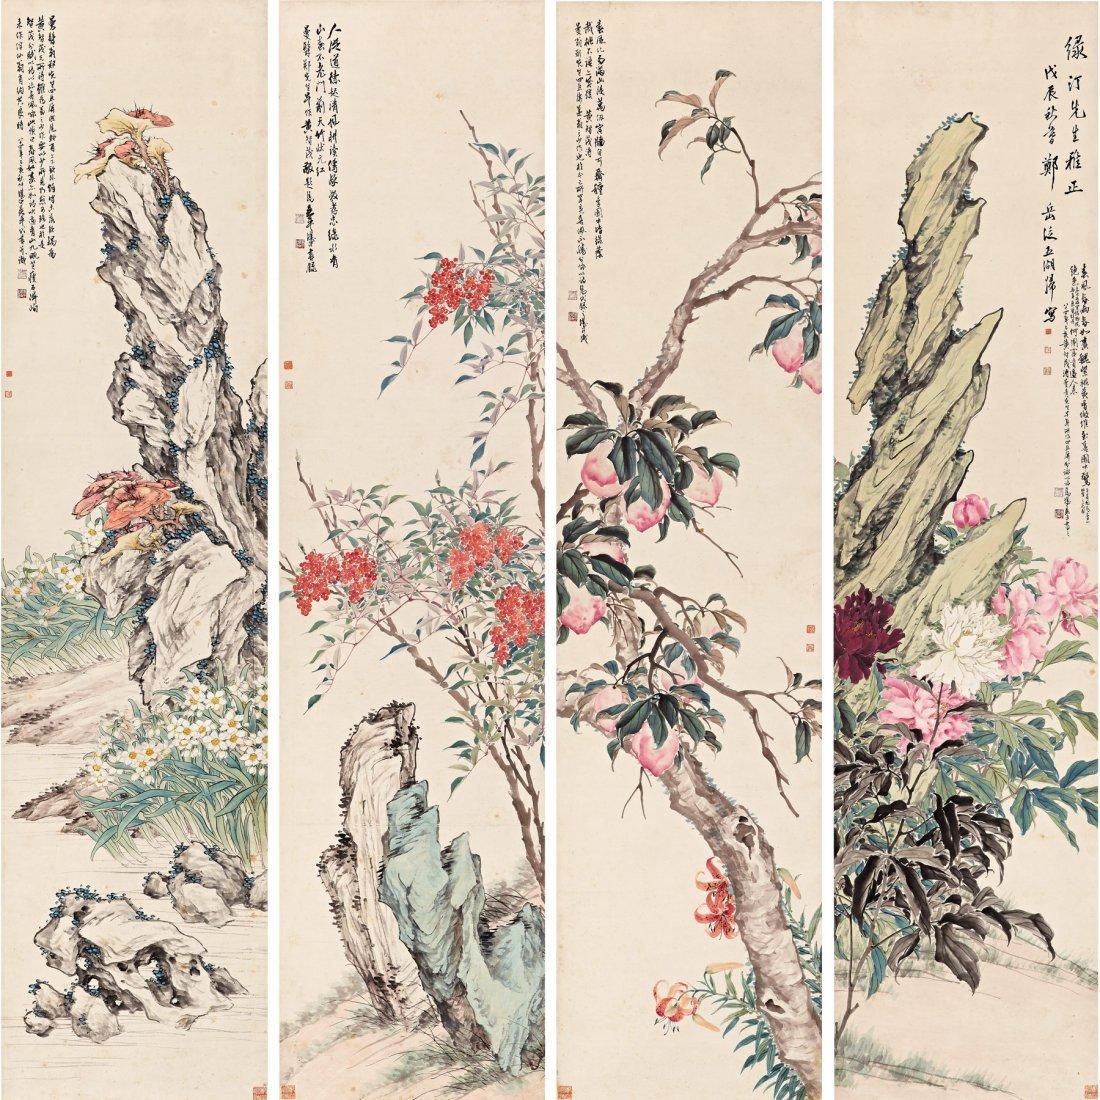 FOUR SEASONS BY ZHENG MANQING